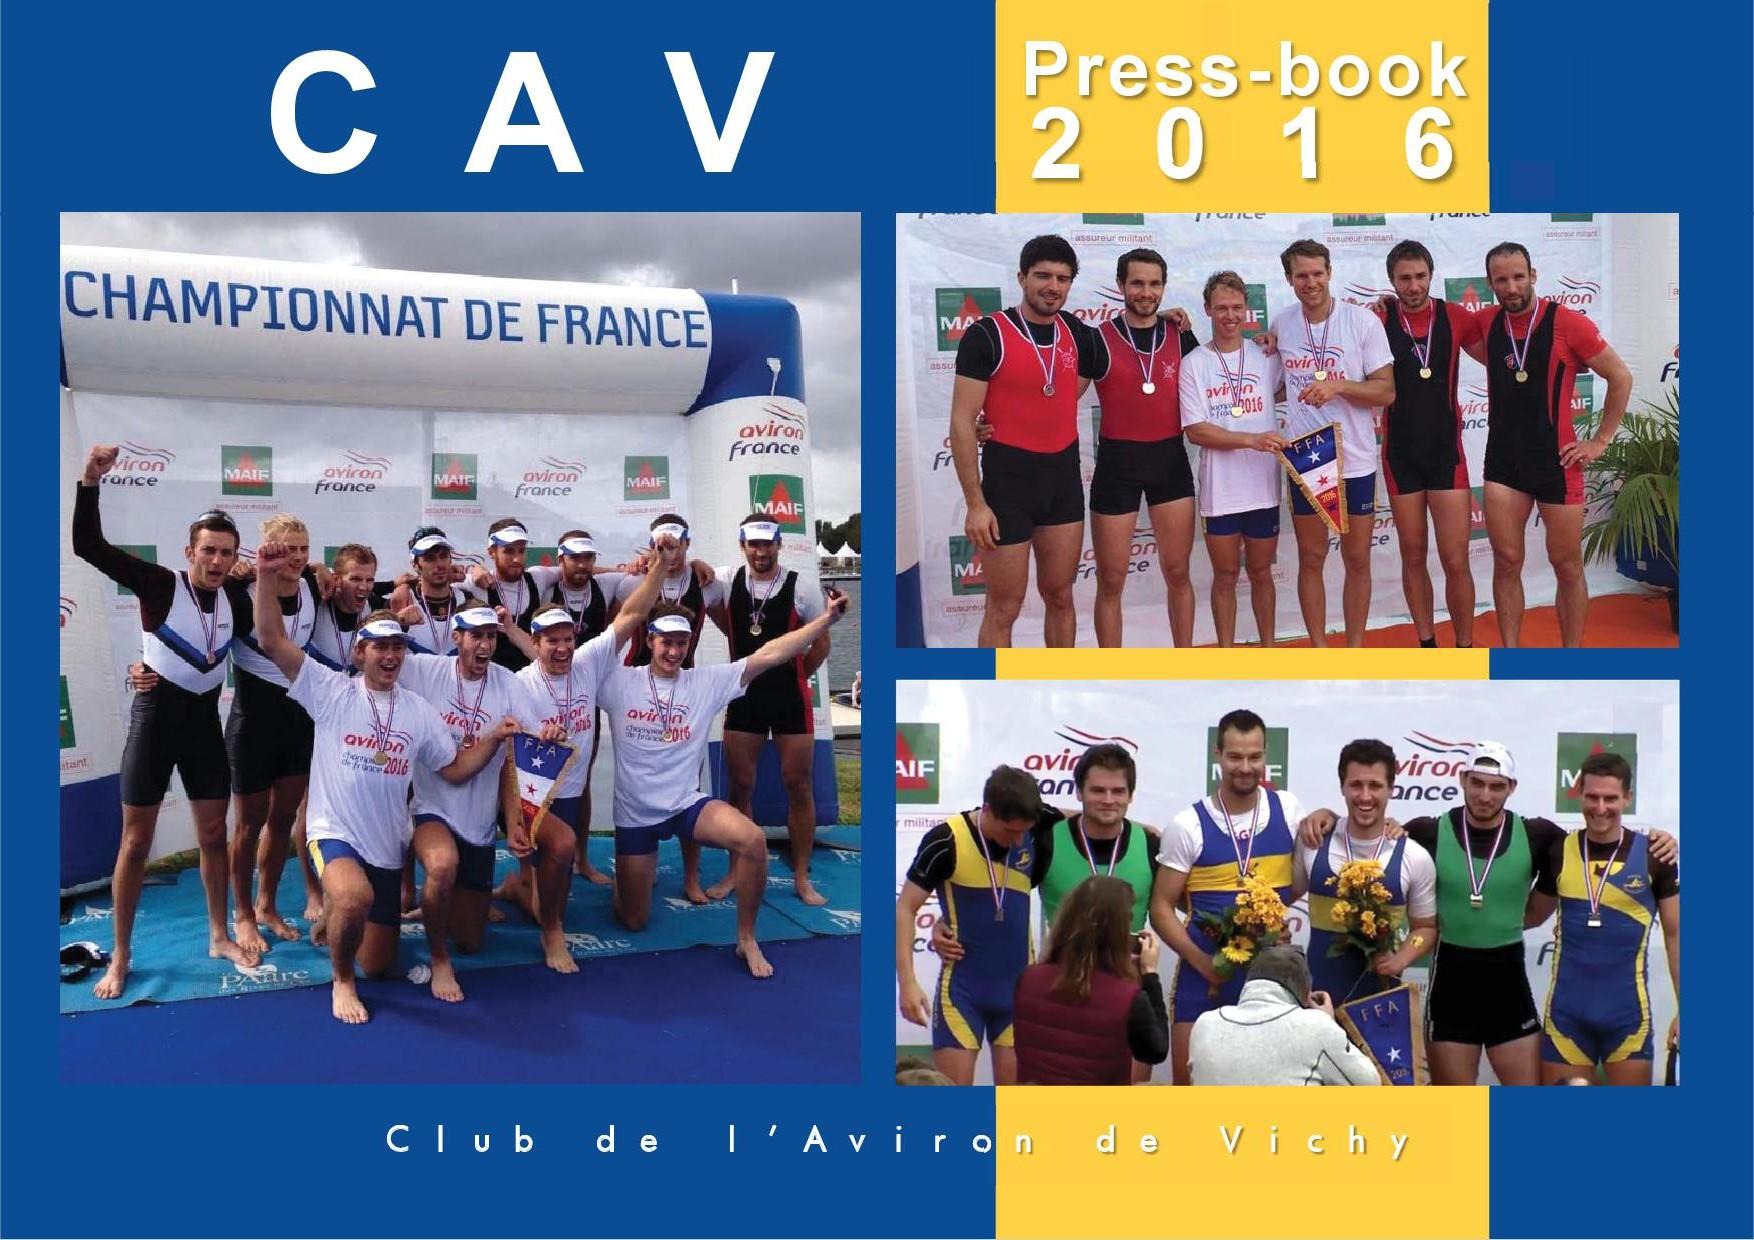 Pressbookcav2016